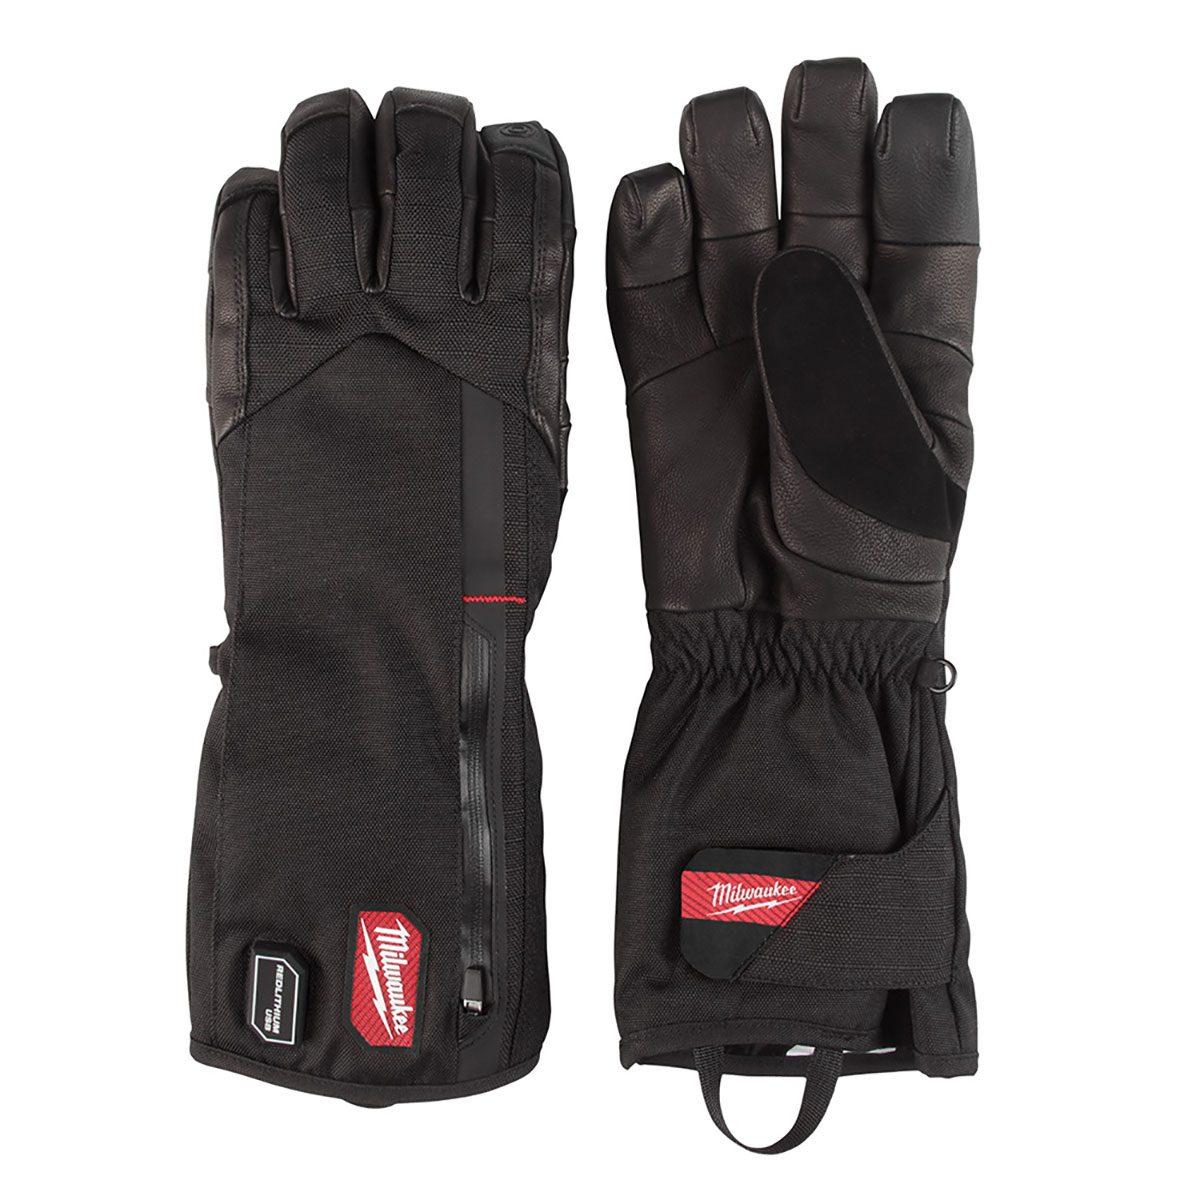 Milwaukee Heated Gloves   Construction Pro Tips